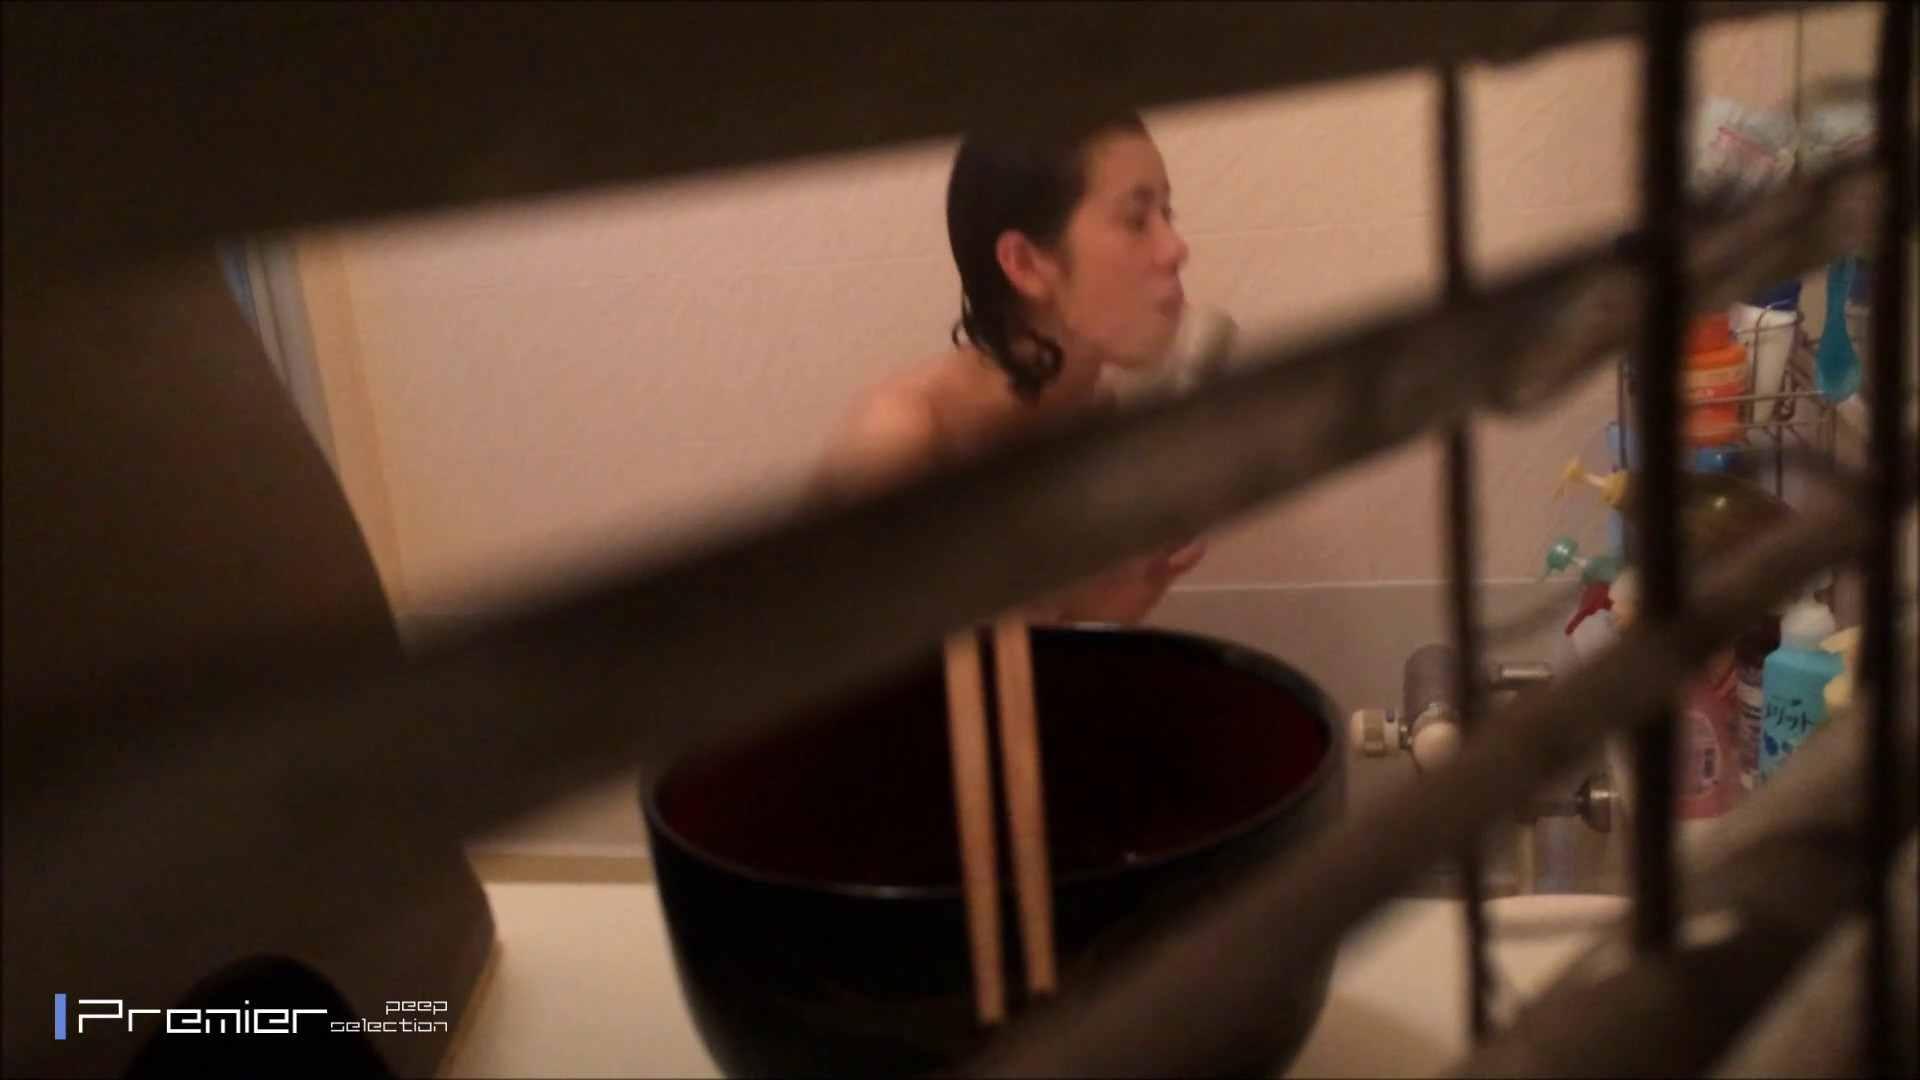 高画質フルハイビジョン スレンダー美女の入浴 乙女の風呂場 Vol.04 入浴 おまんこ動画流出 76枚 59